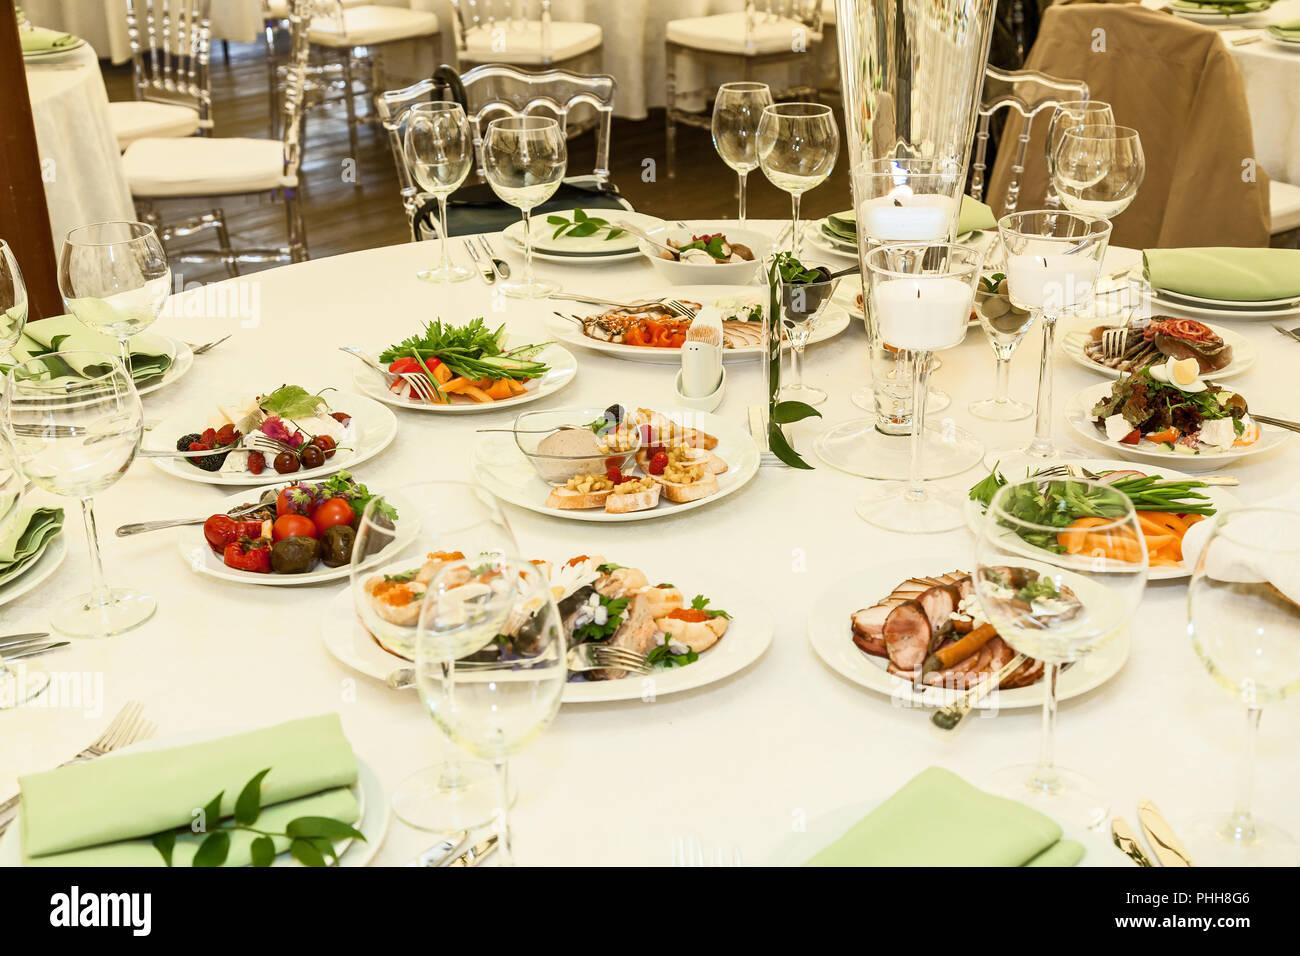 Schön Festlich Gedeckten Tisch Essen Auf Dem Festlichen